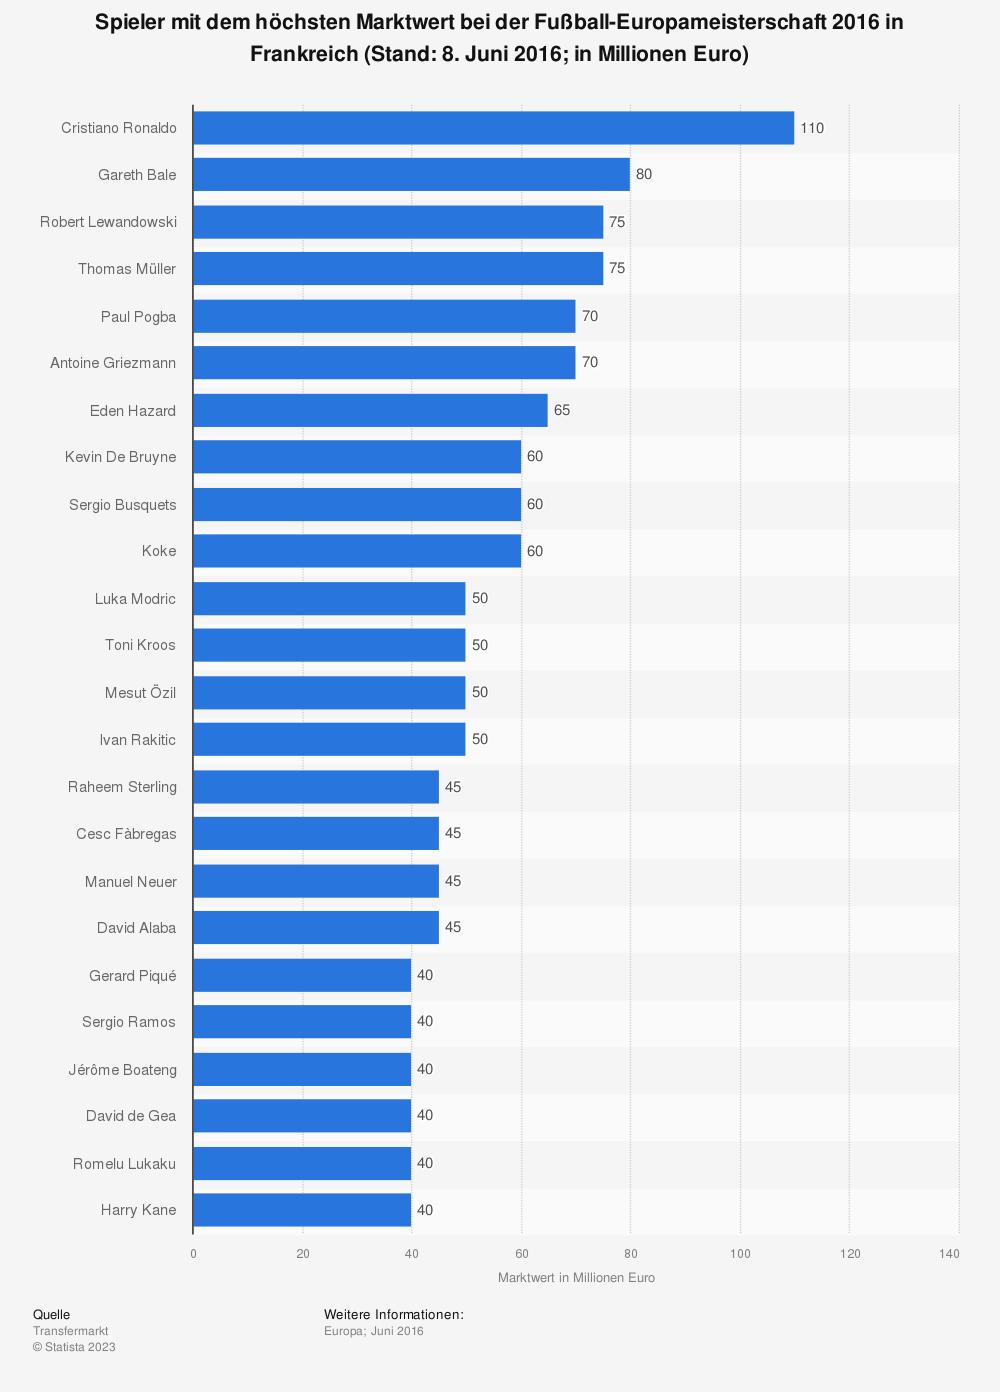 Statistik: Spieler mit dem höchsten Marktwert bei der Fußball-Europameisterschaft 2016 in Frankreich (Stand: 8. Juni 2016; in Millionen Euro) | Statista